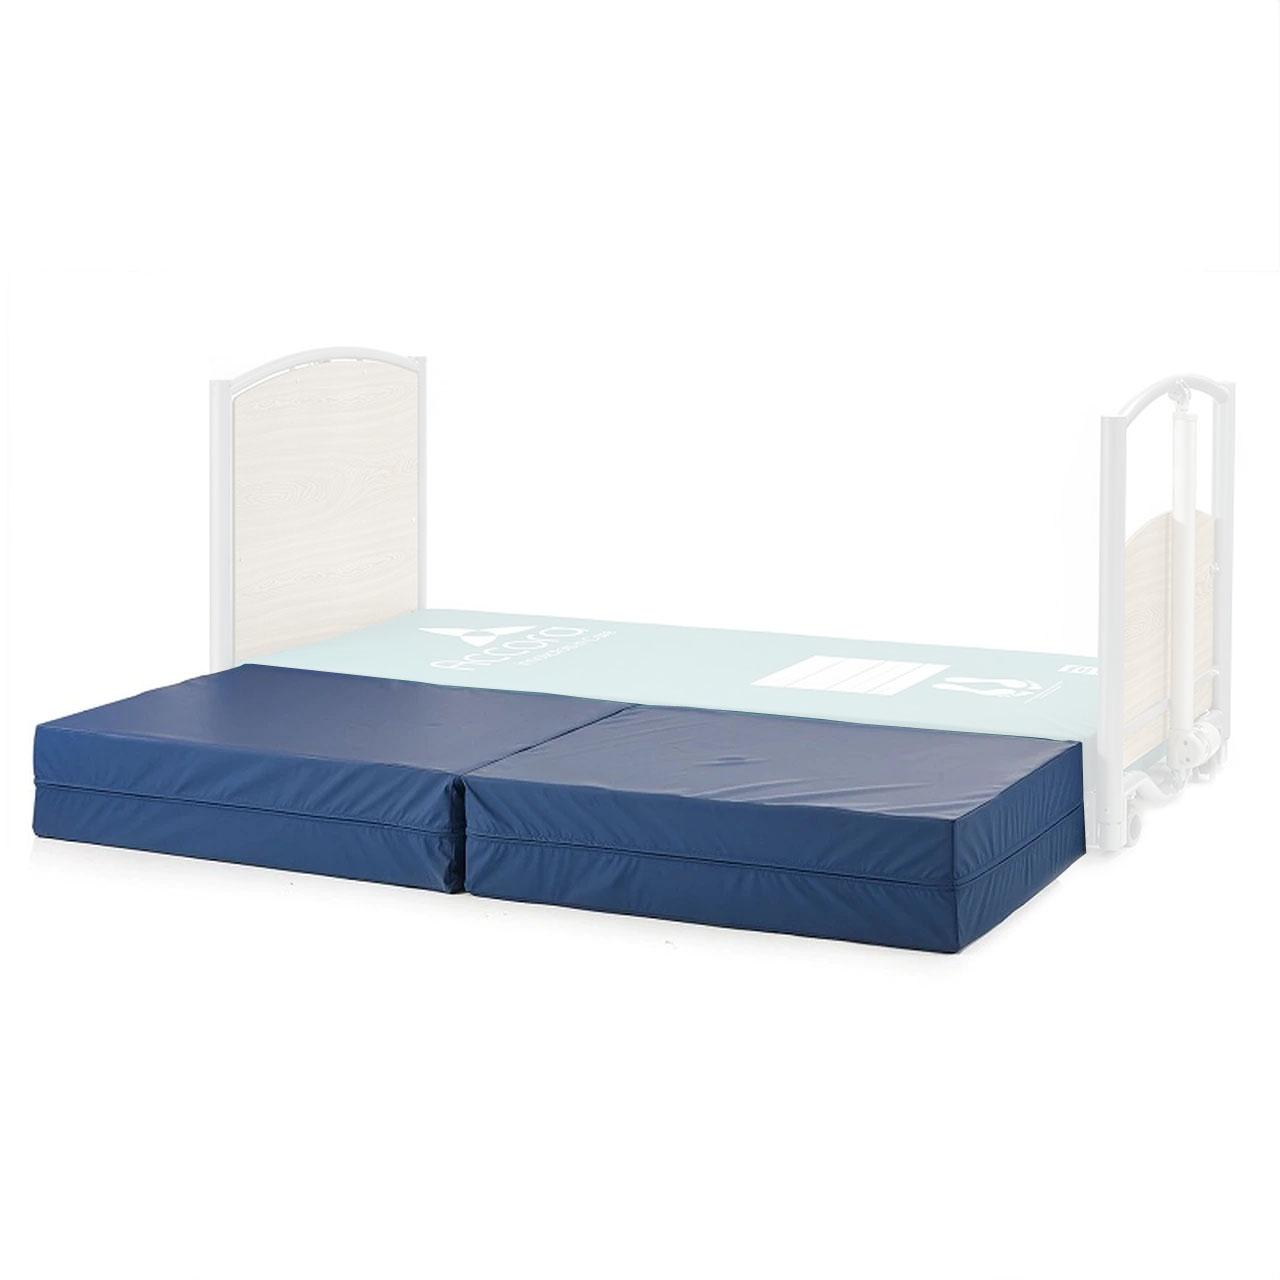 Accora High safety fall mattress